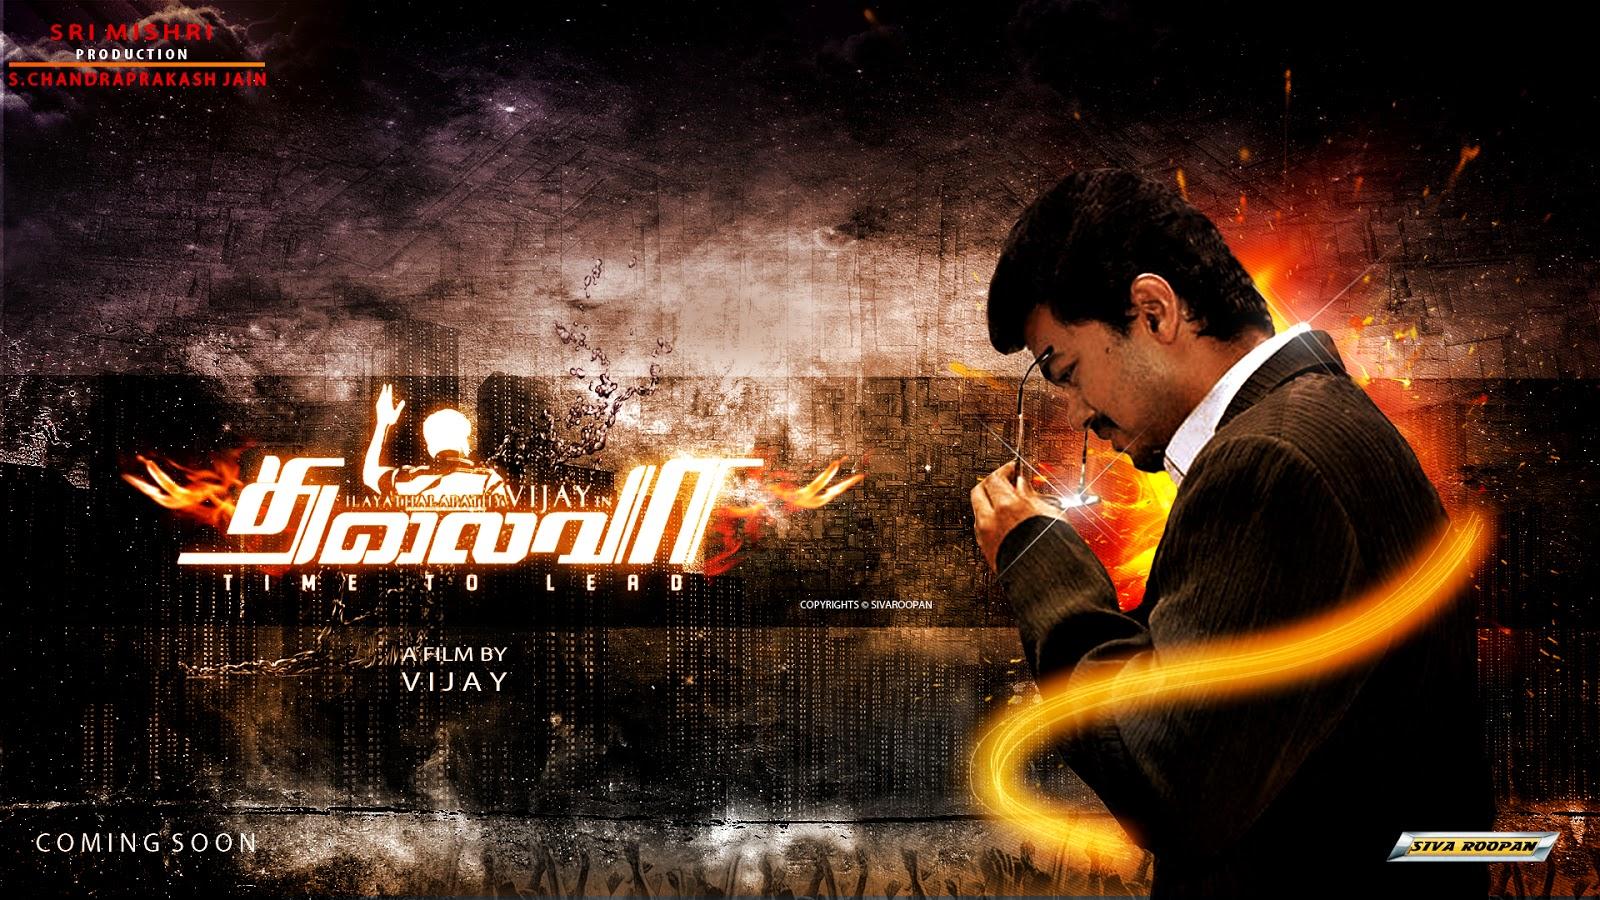 Hd wallpaper vijay - Vijay Wallpaper Designs